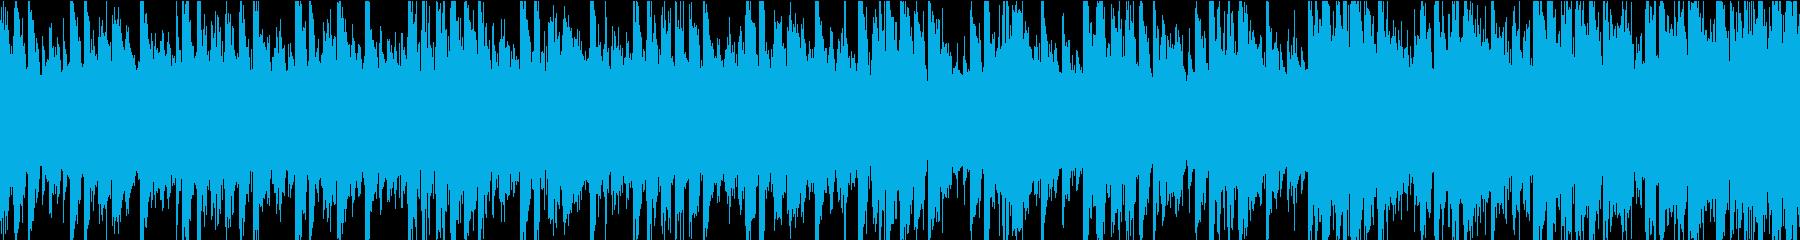 テクノ、ロック、ビッグビート、イン...の再生済みの波形